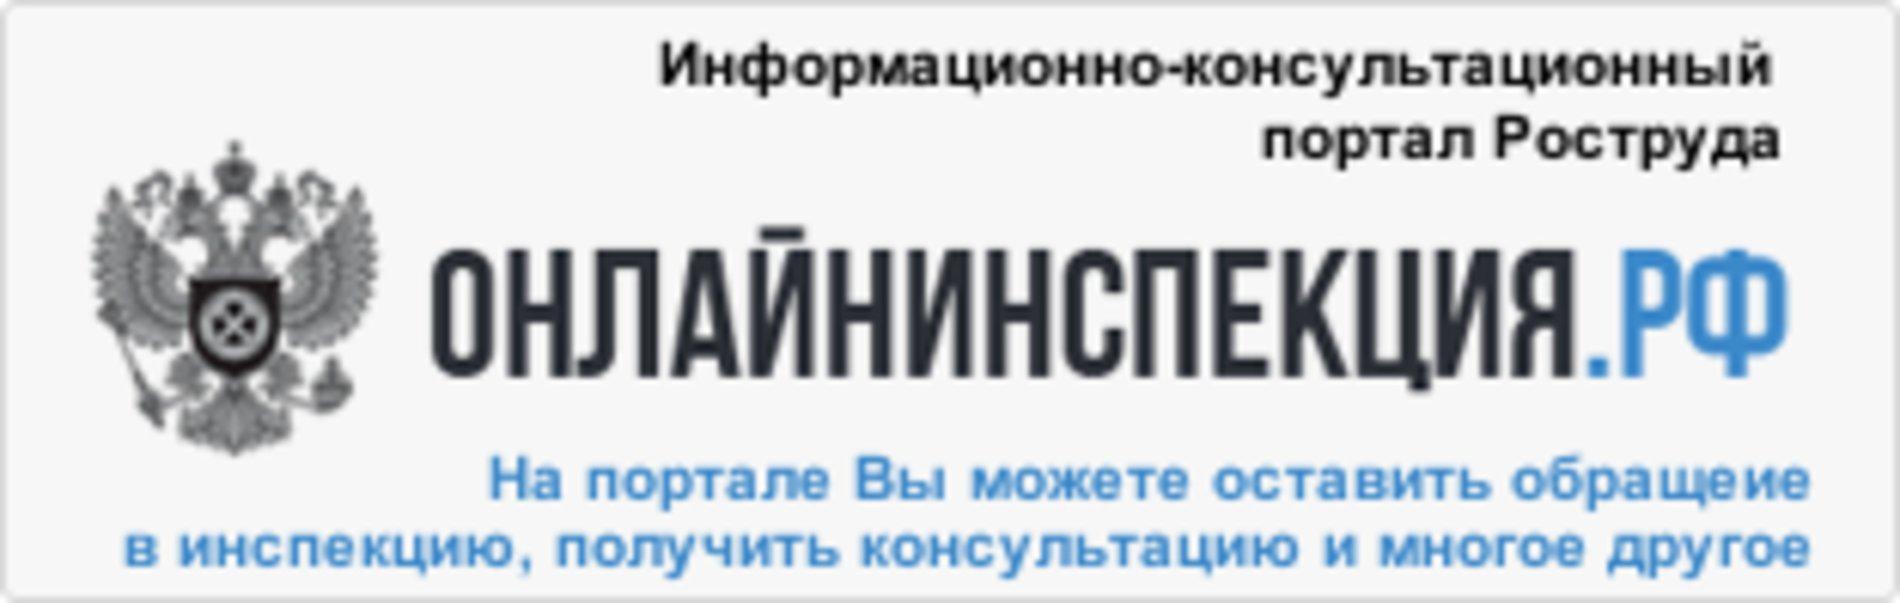 онлайинспекция.рф